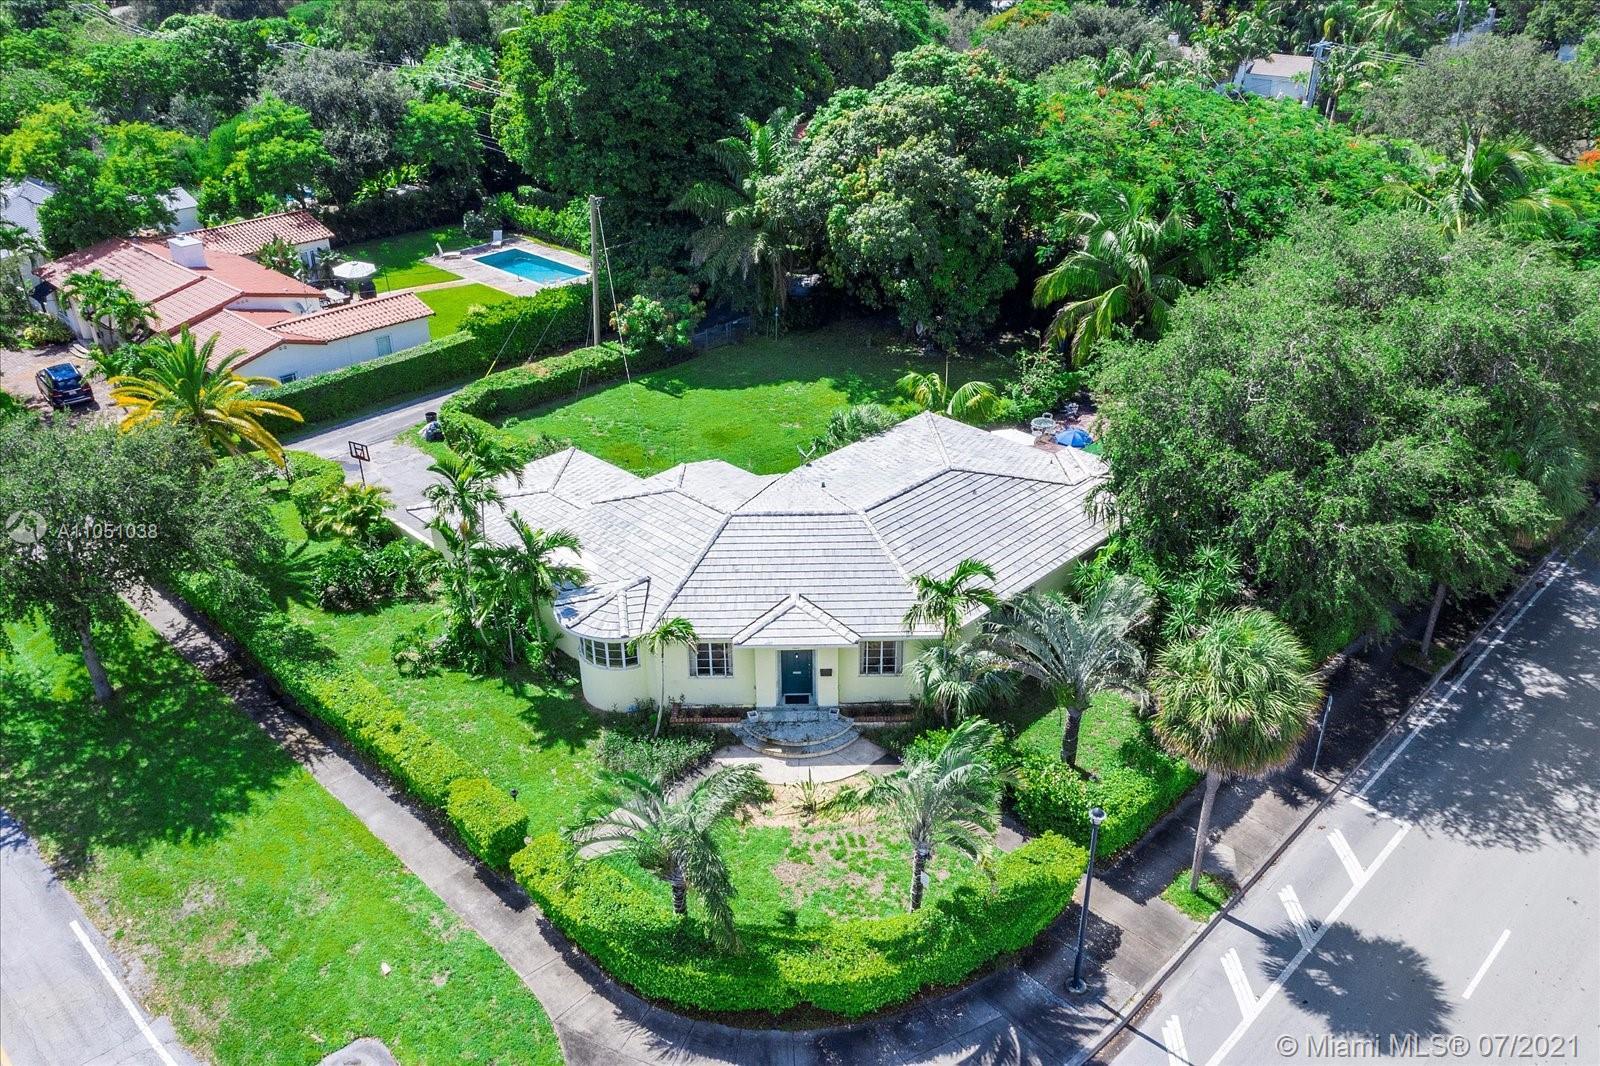 Miami Shores - 216 NE 92nd St, Miami Shores, FL 33138